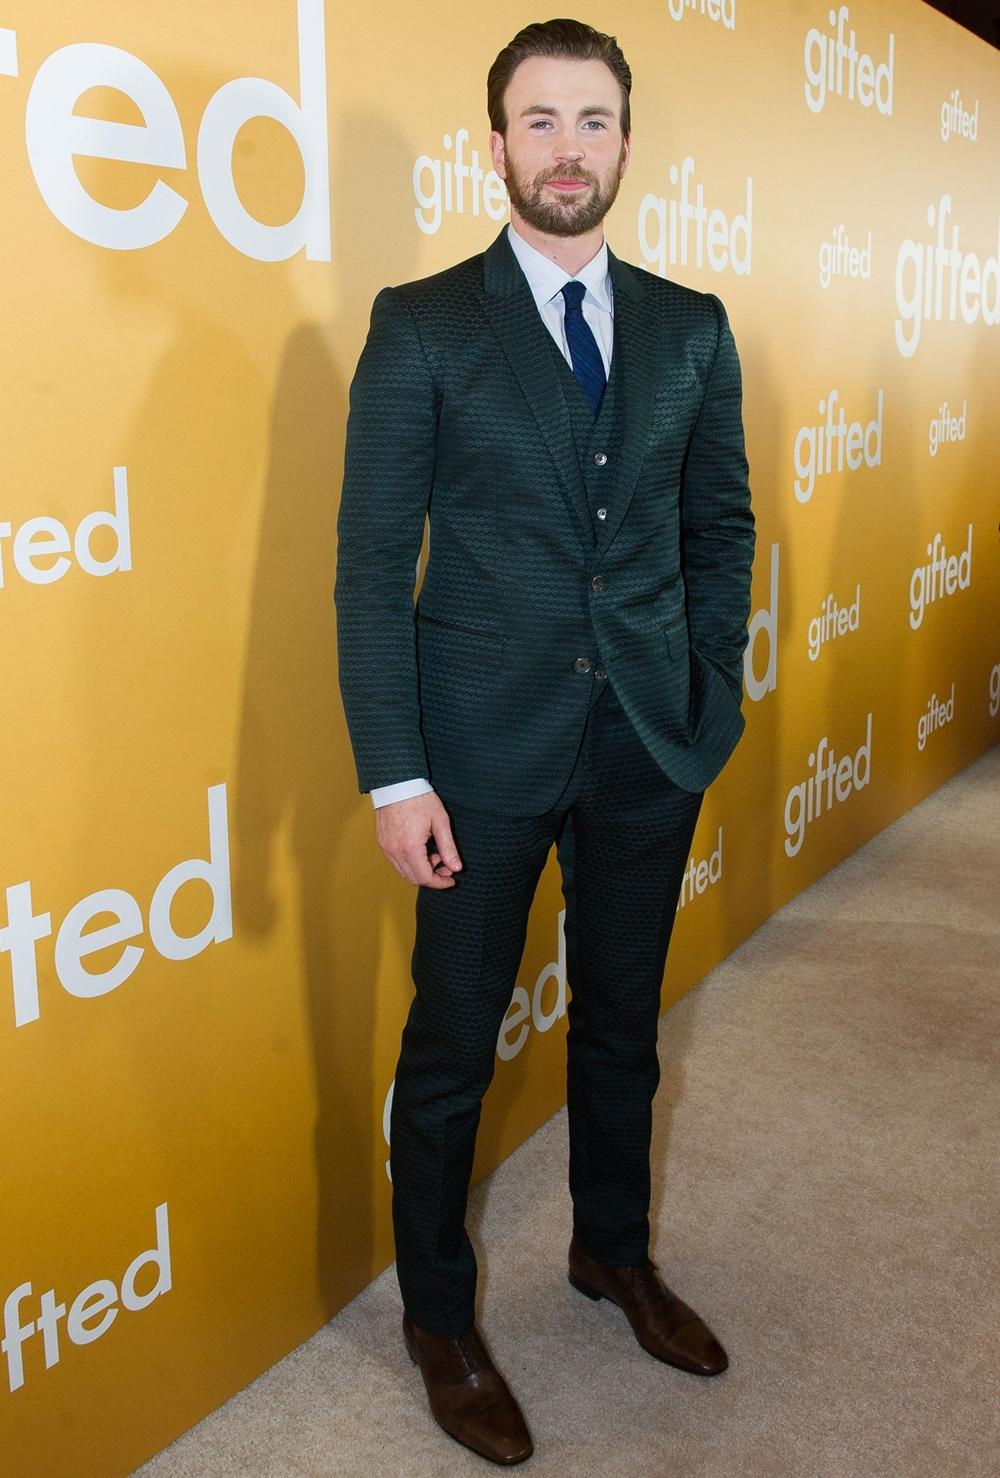 Trong ngày công chiếu phim Gifted ở Los Angeles (Mỹ) năm 2017, Evans thu hút với suits ba mảnh của Dolce&Gabbana, mix giày Christian Louboutin.